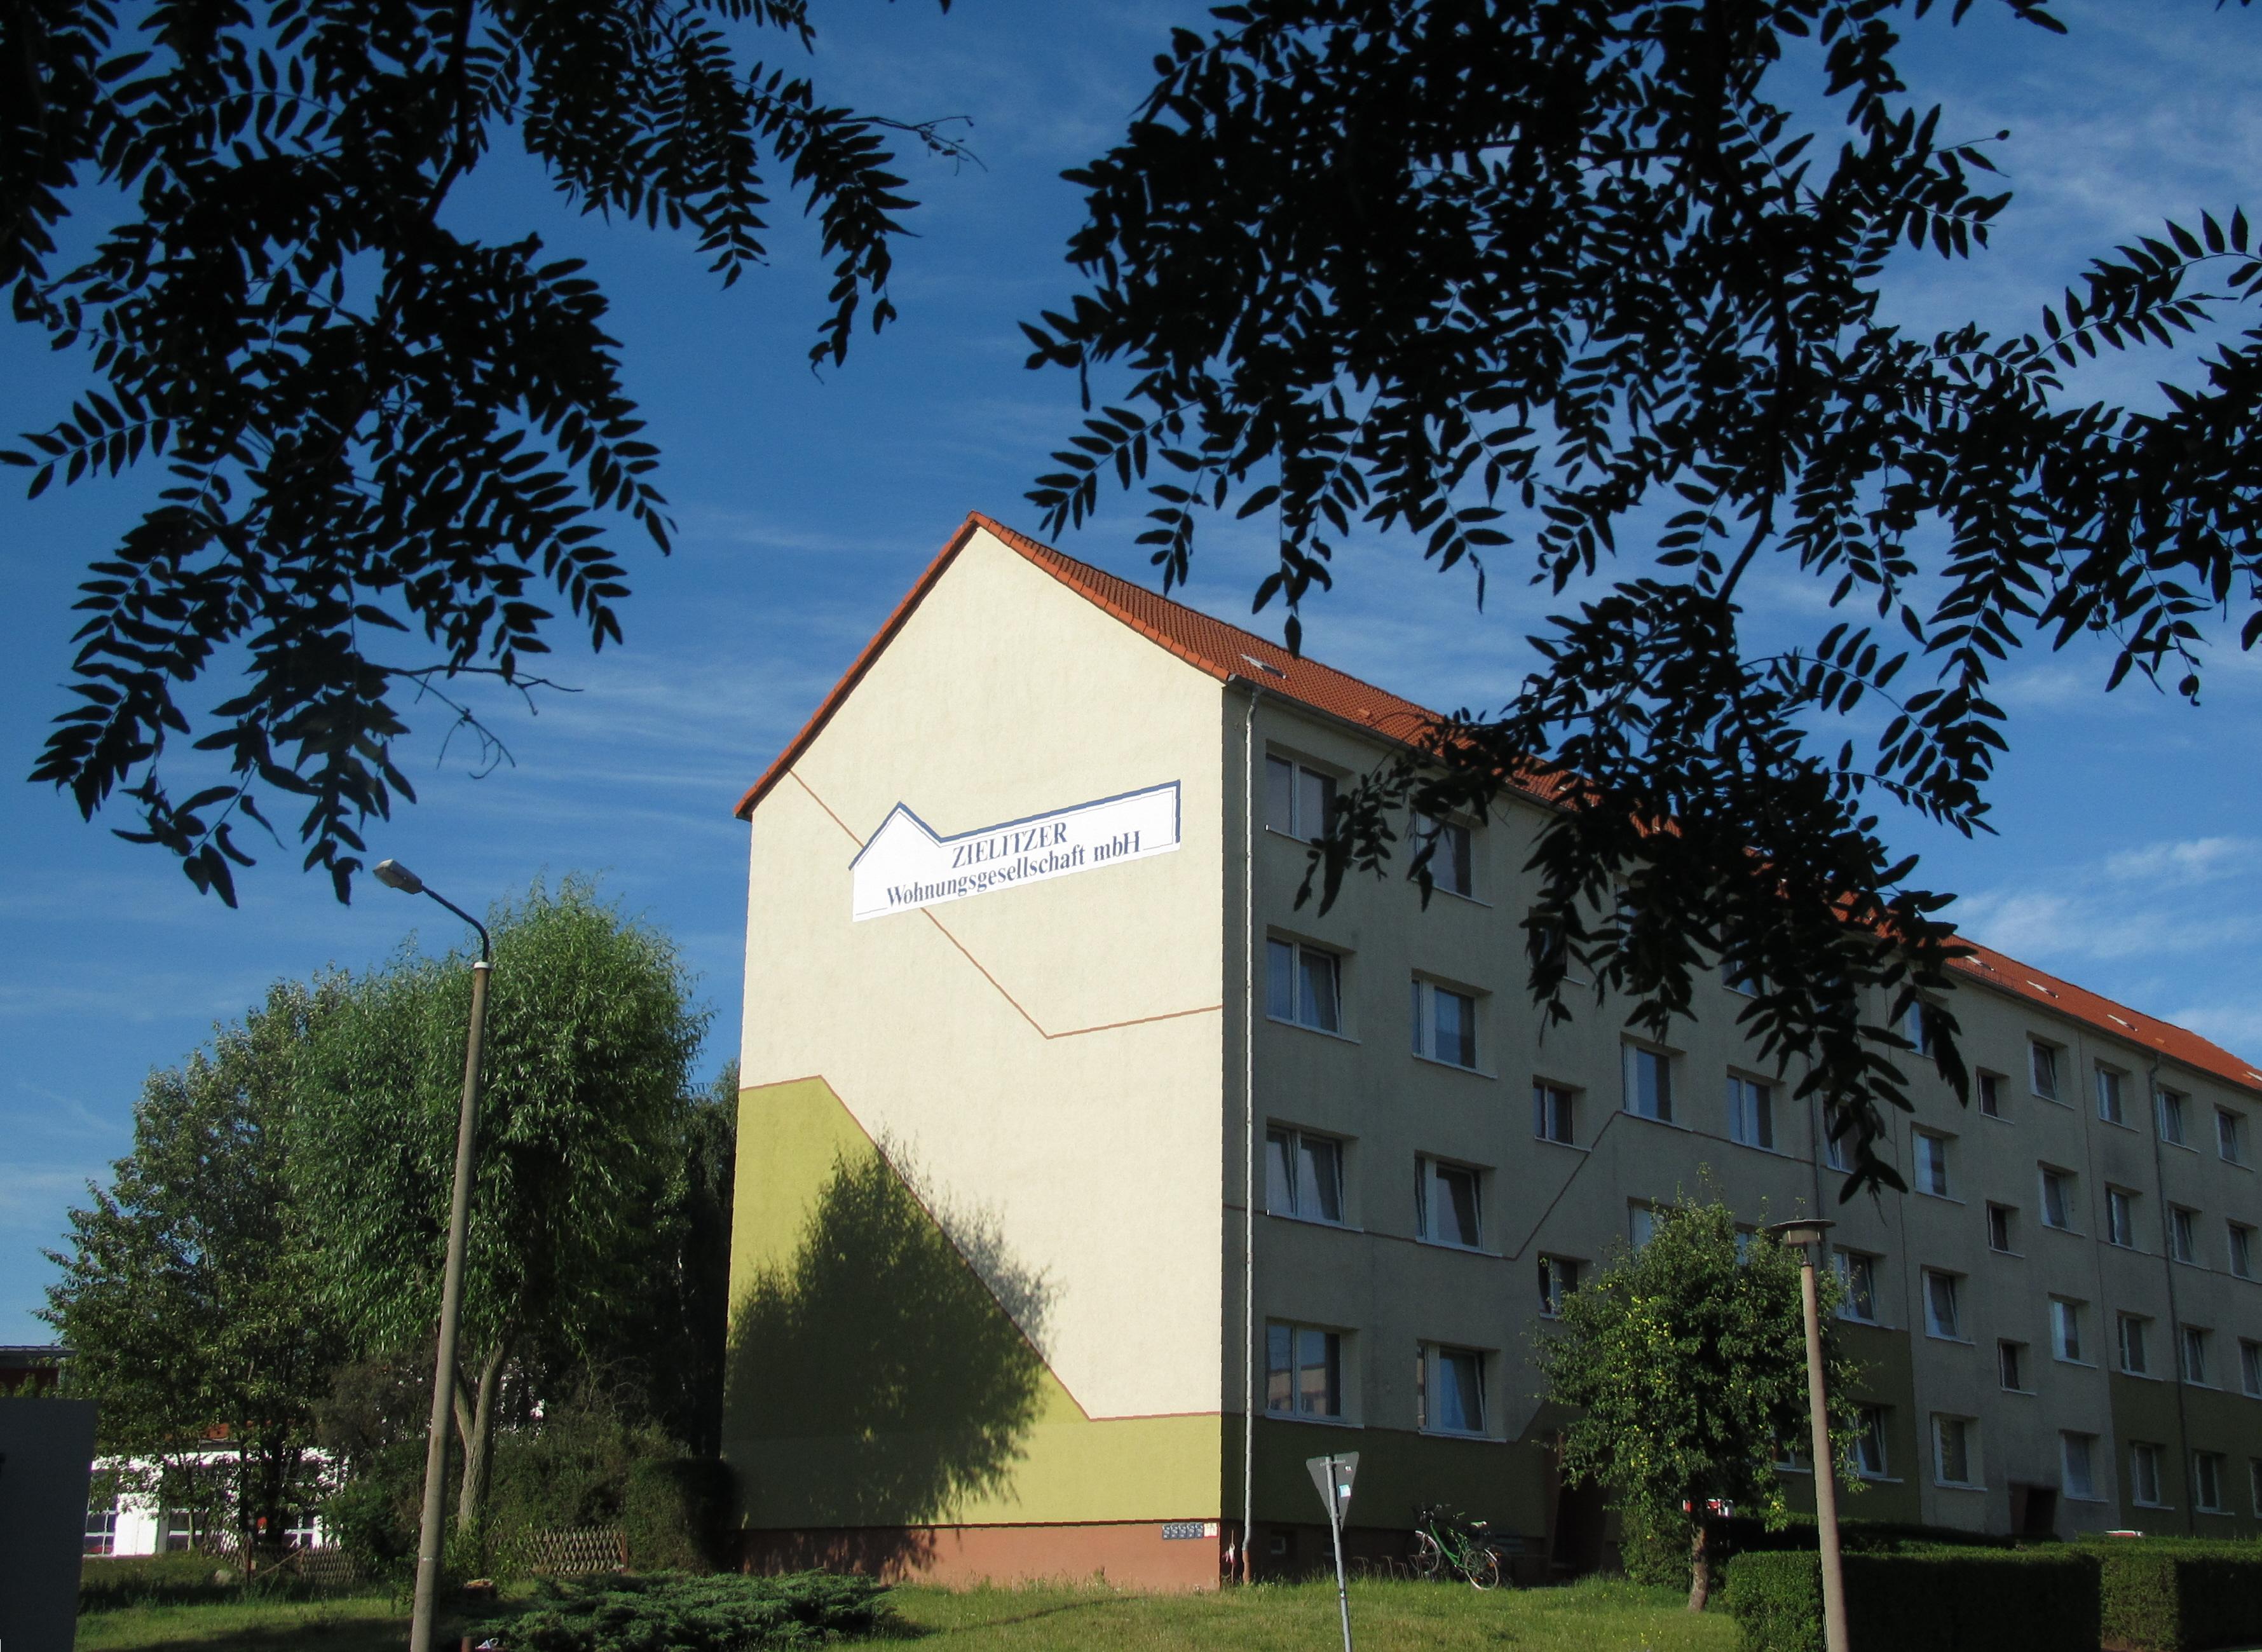 Zielitzer Wohnungsgesellschaft mbH